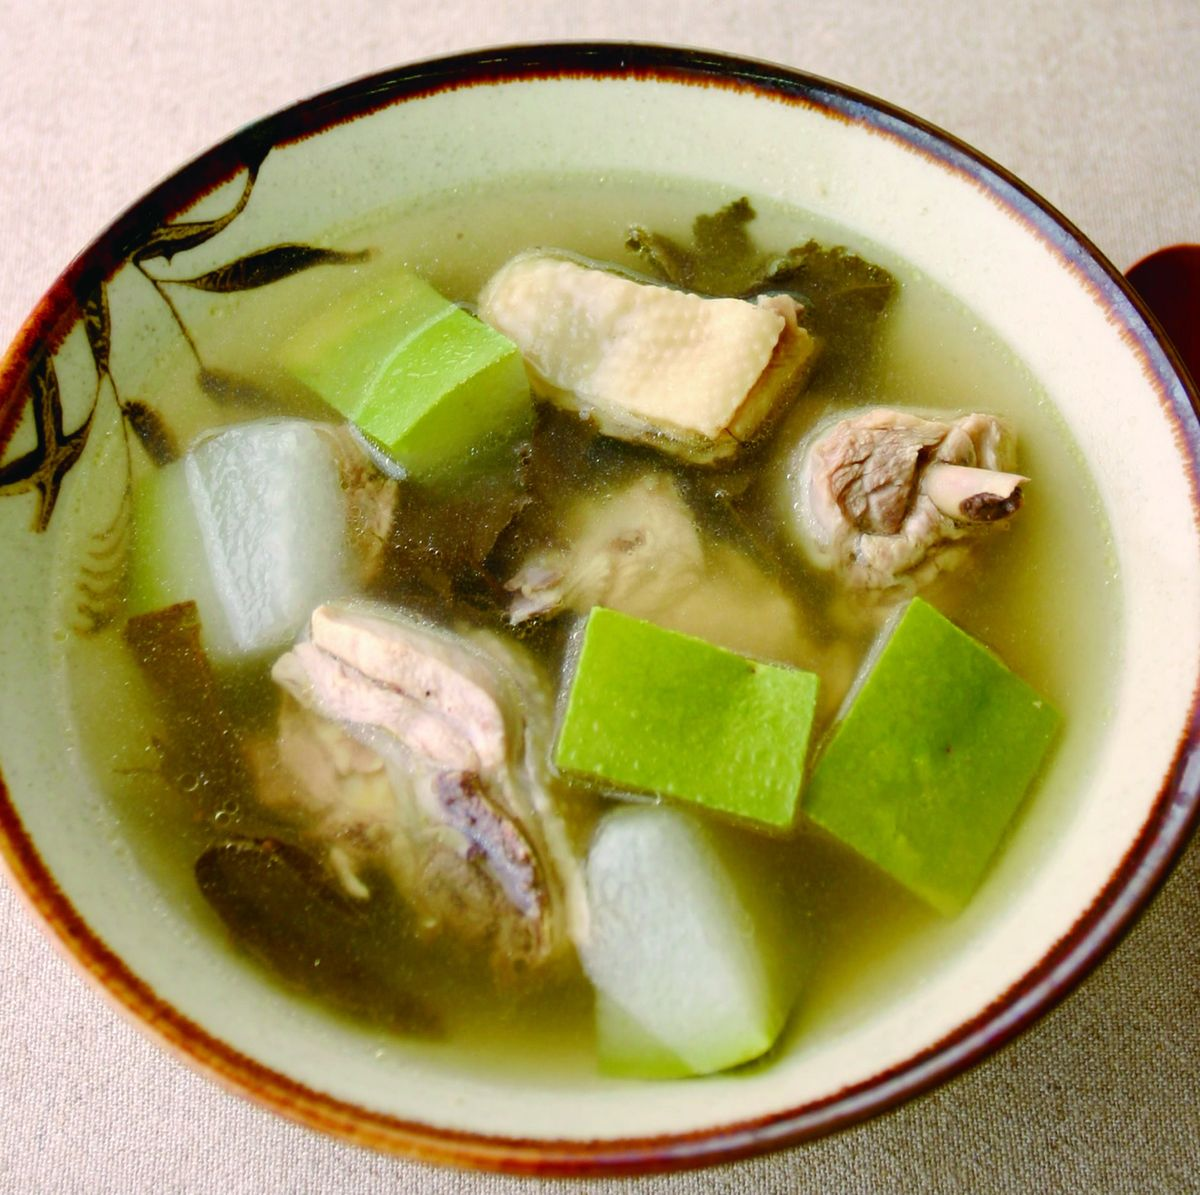 食譜:冬瓜荷葉雞湯